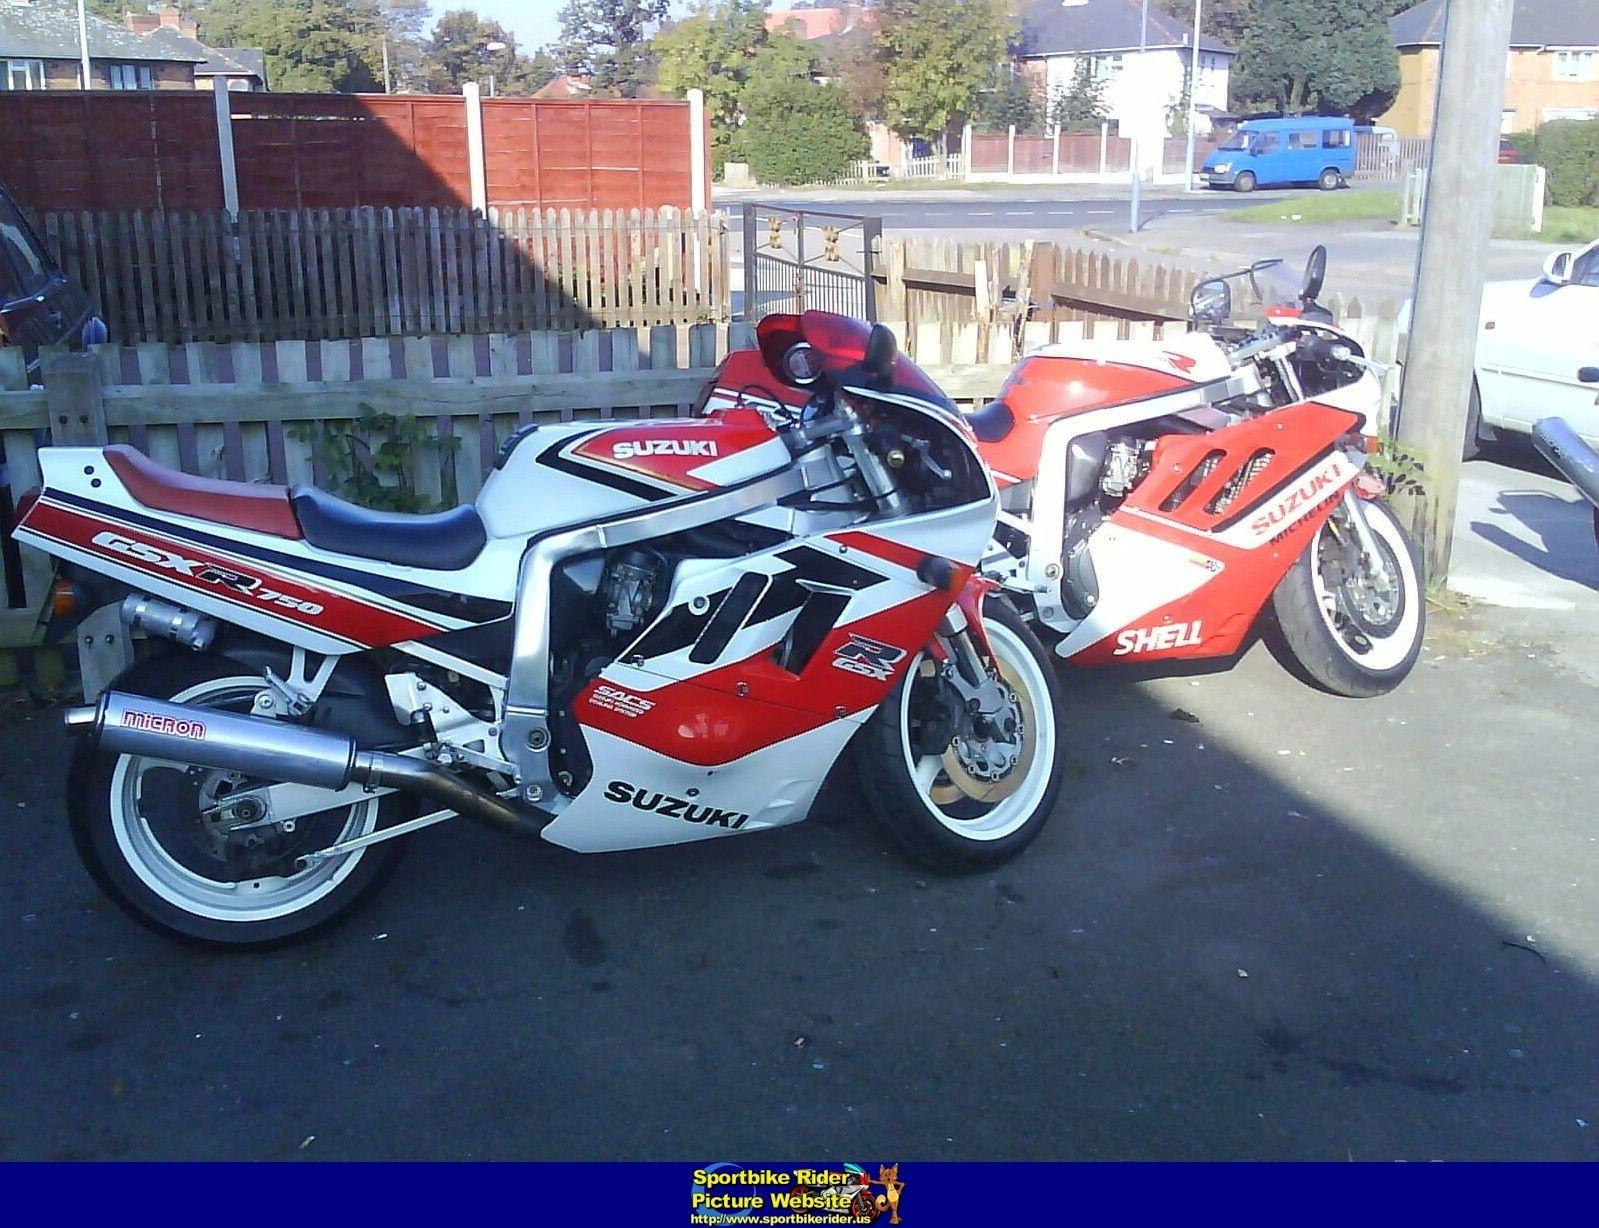 Motorcycle gloves gsxr - Suzuki Gsxr 750 1991 10 Jpg 1599 1228